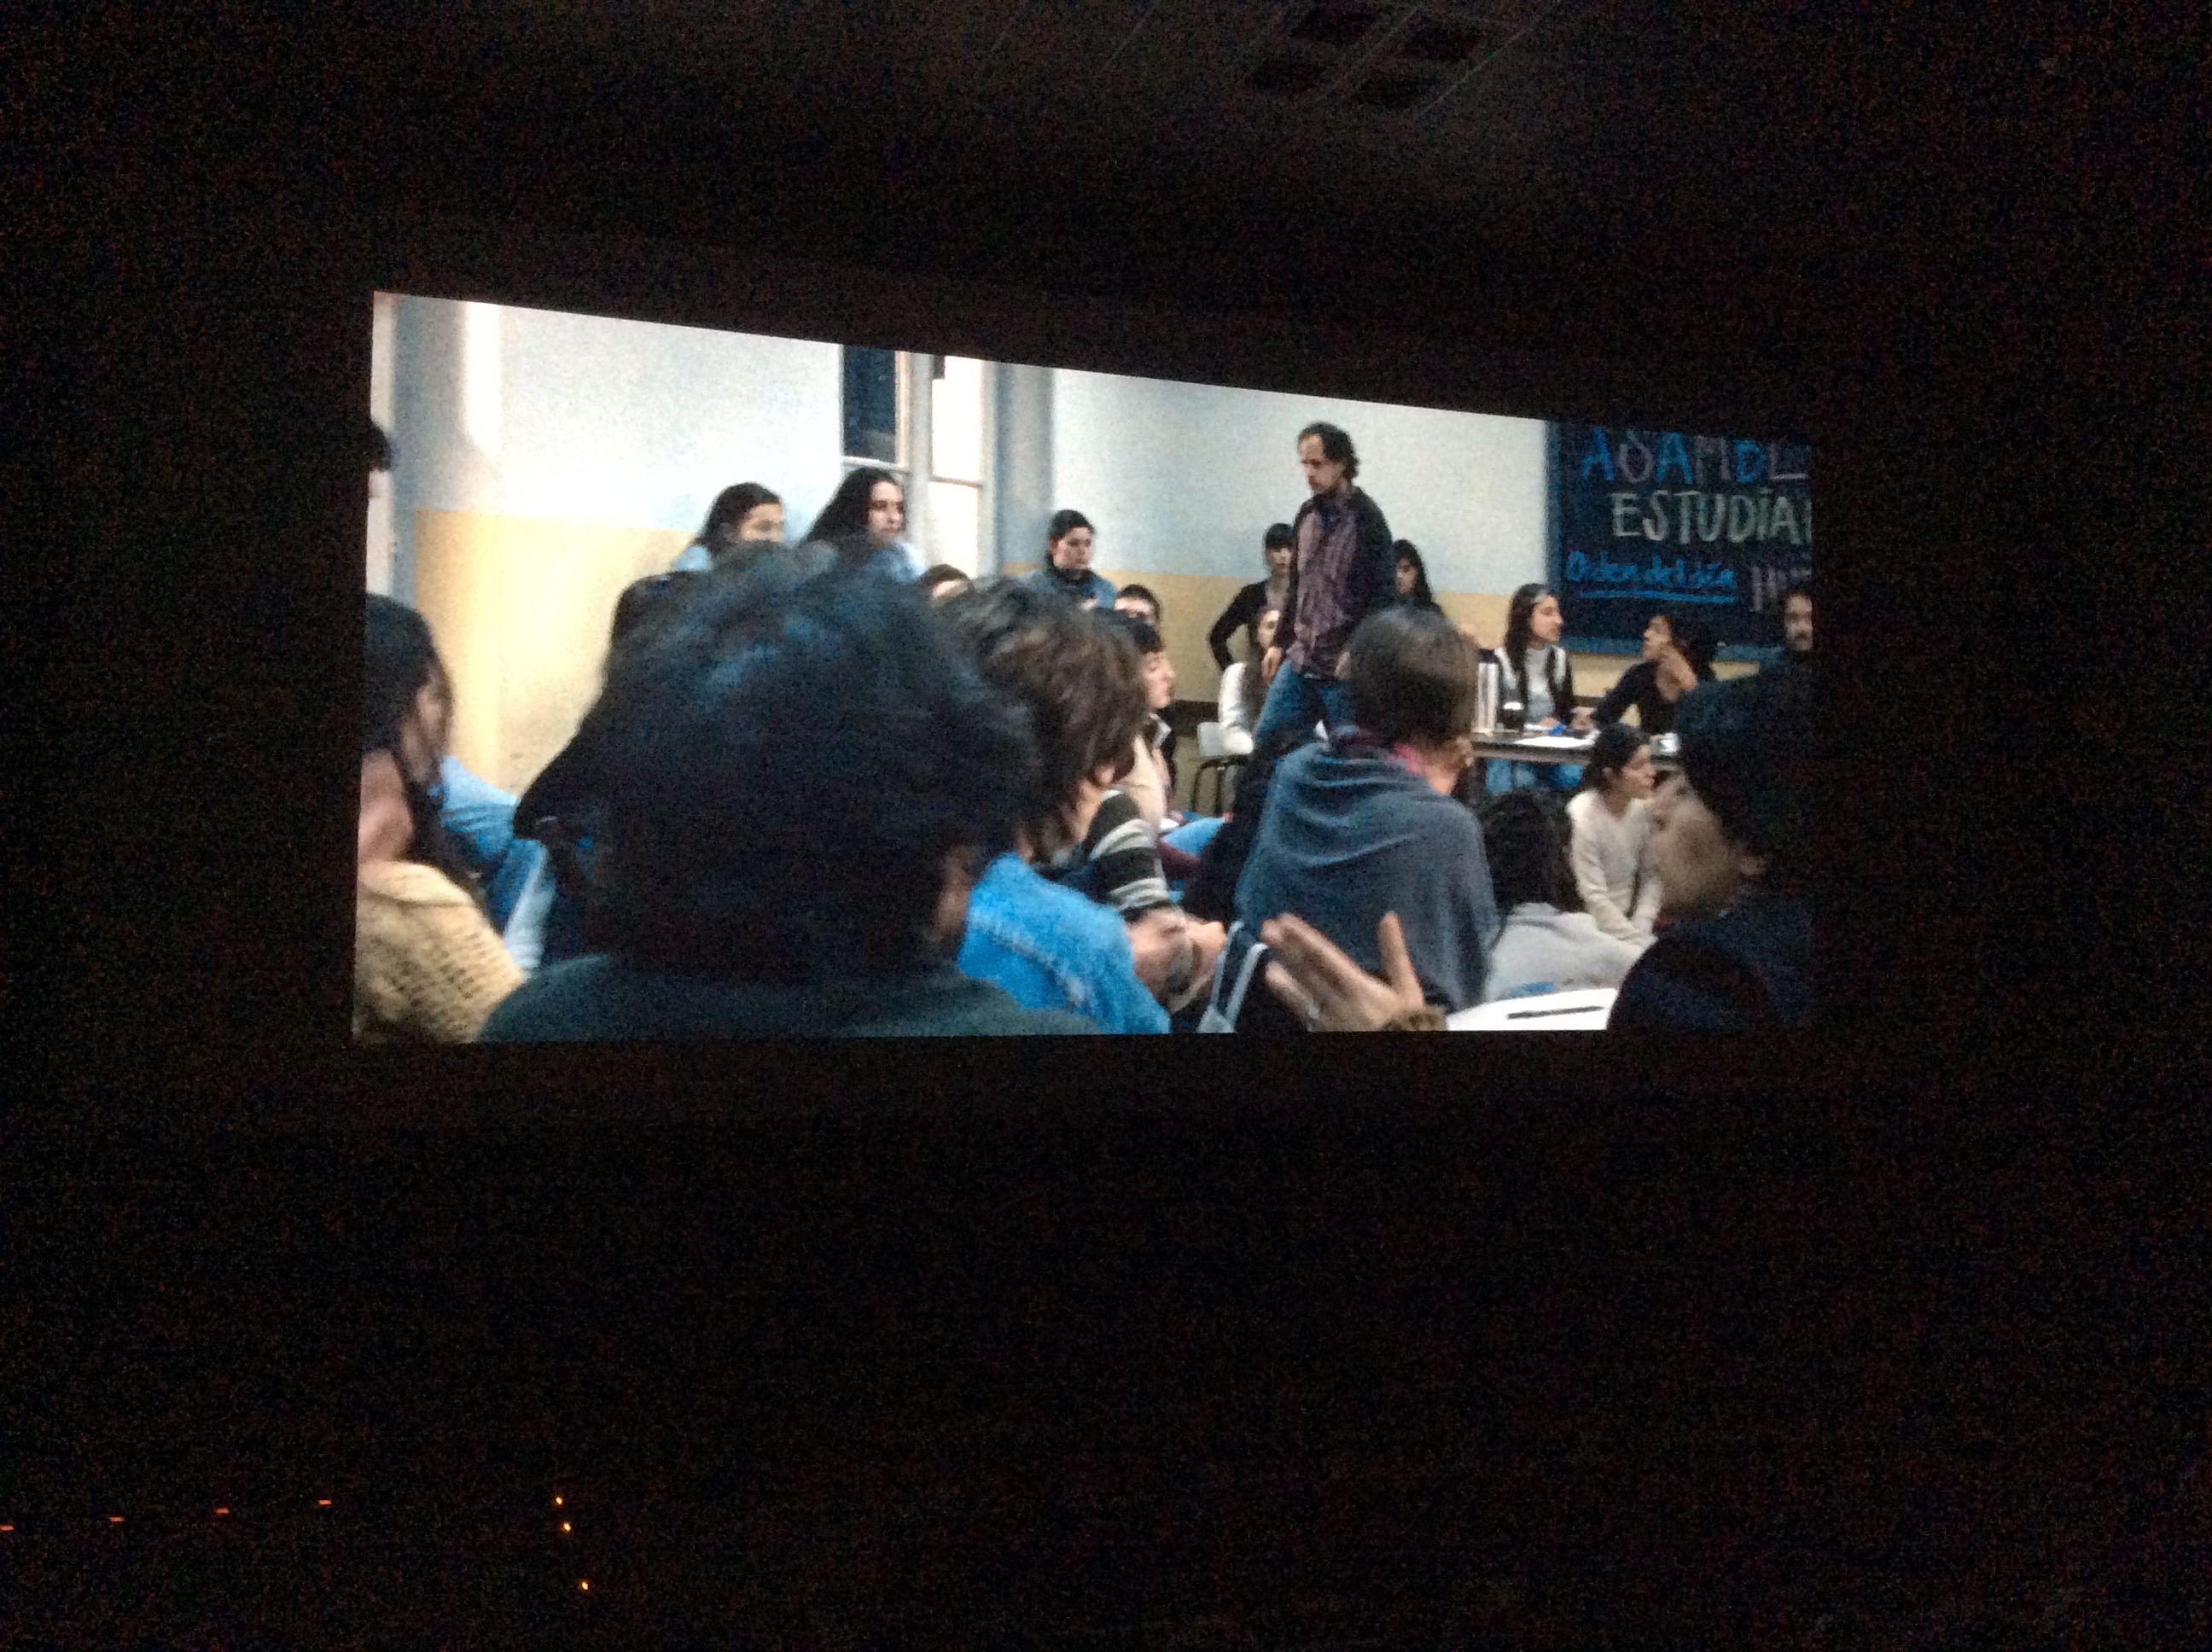 Escena del lugar del hijo donde vemos a Felipe Dieste, actor principal de la película. #festivalcinedelima